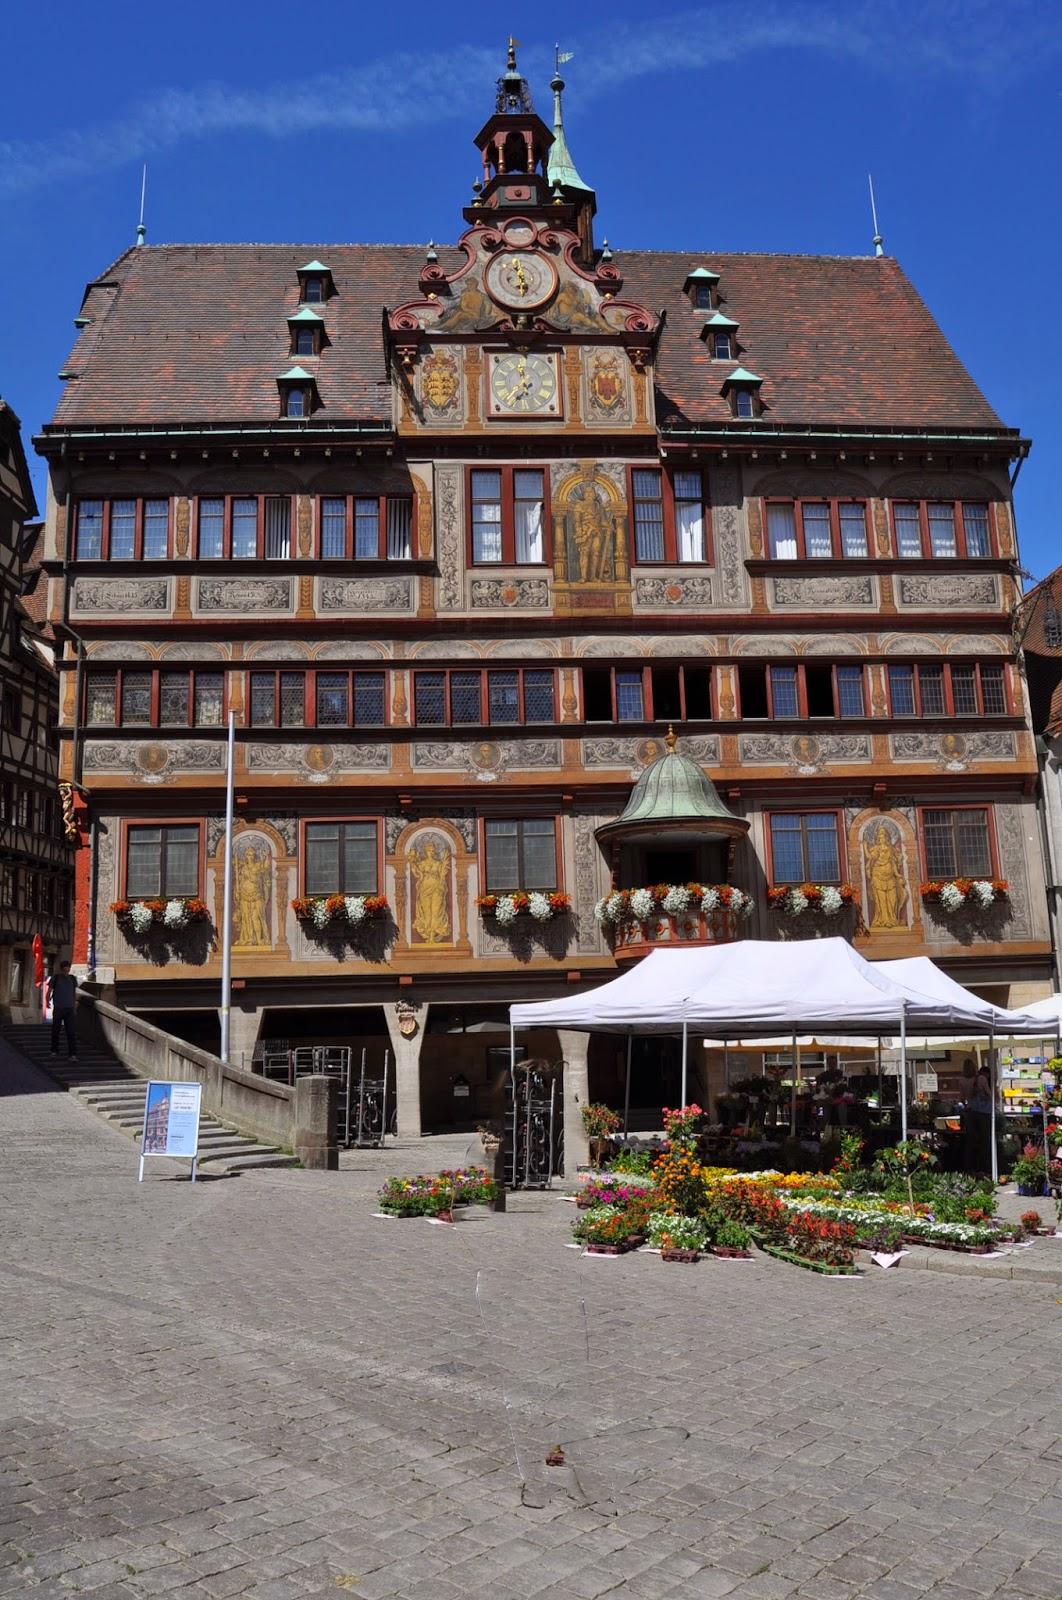 Fotos de Ayuntamiento de Tubinga